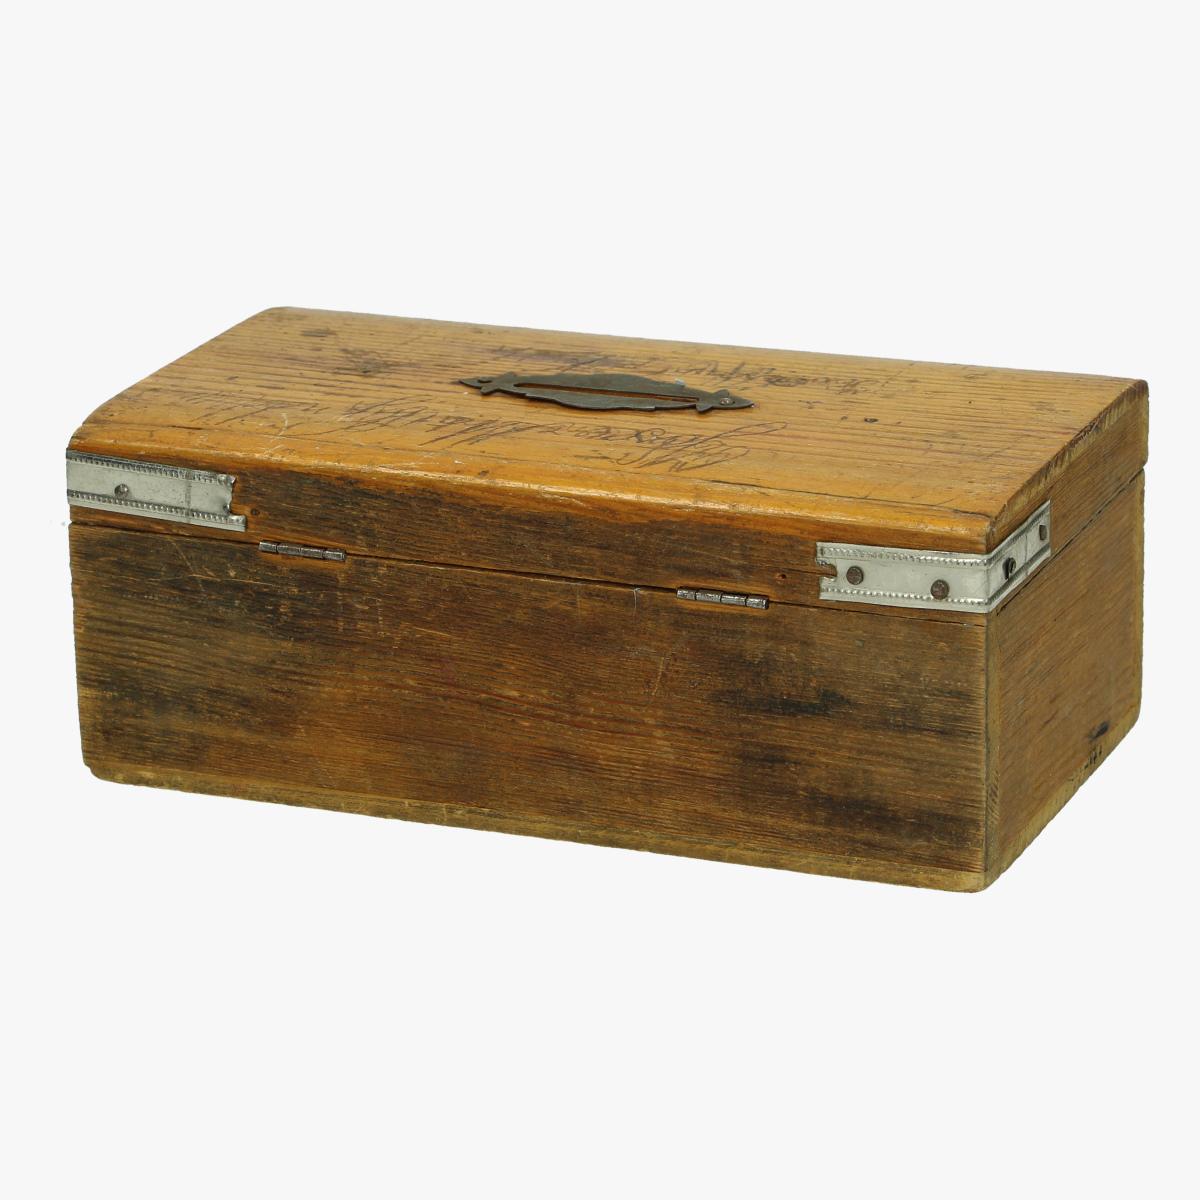 Afbeeldingen van spaarpot houten spaardoos